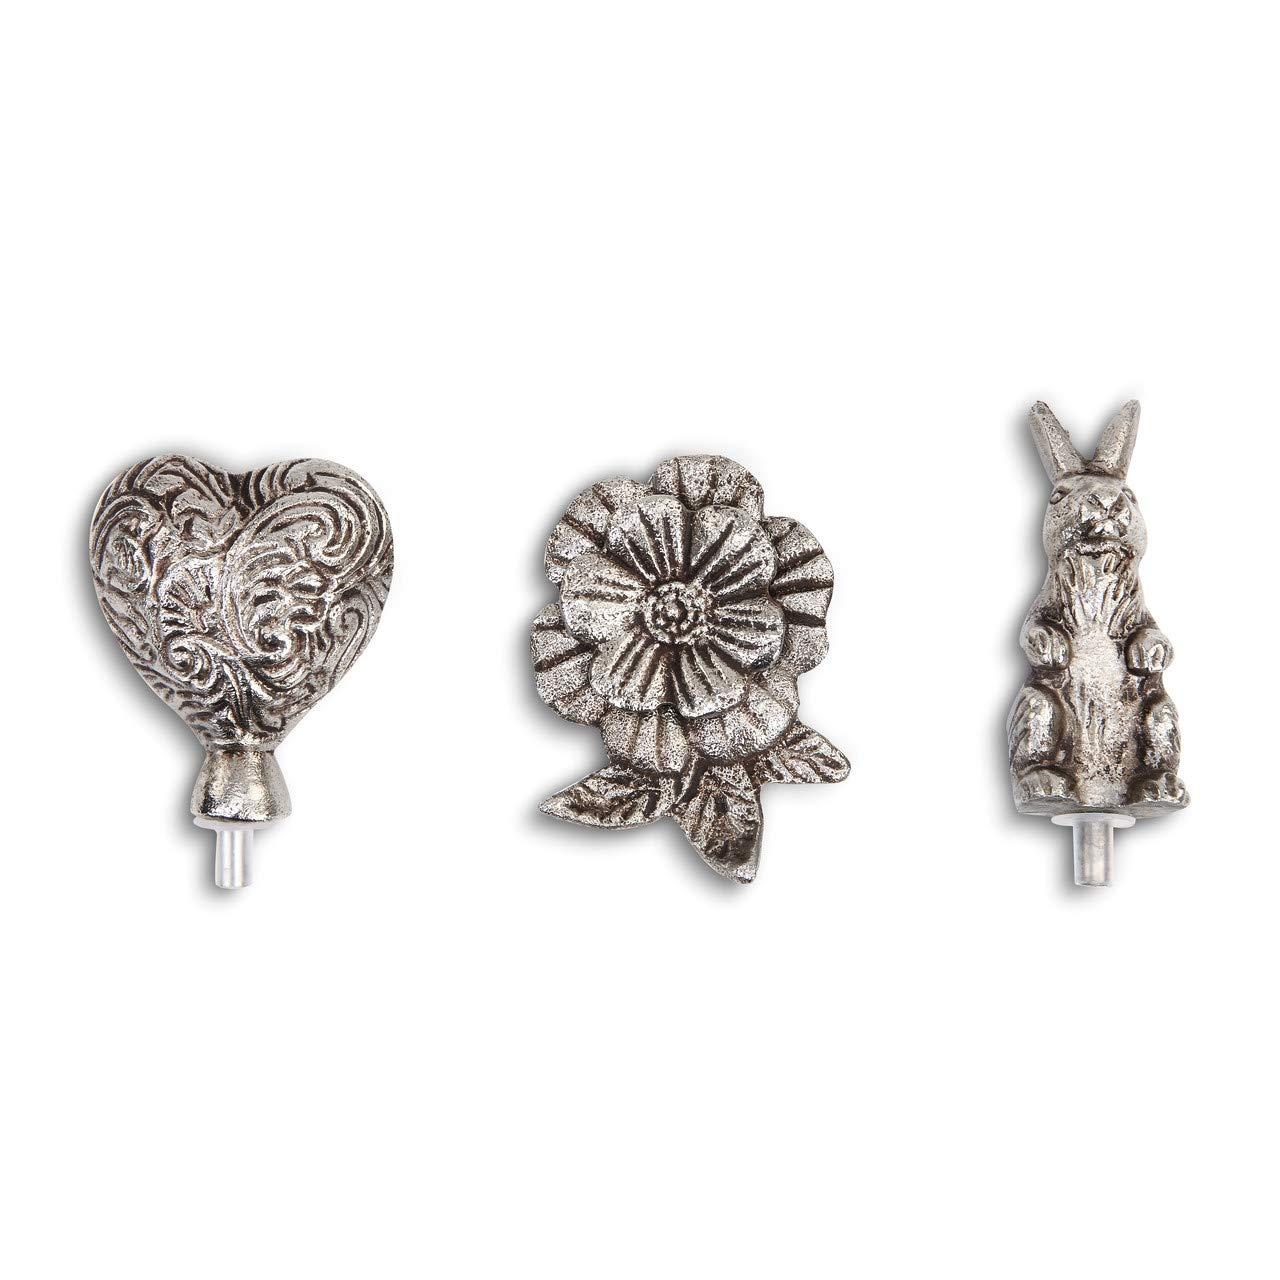 DEMDACO Courage Over Comfort Metallic 2 x 2 Metal Collectible Heart Token Figurine